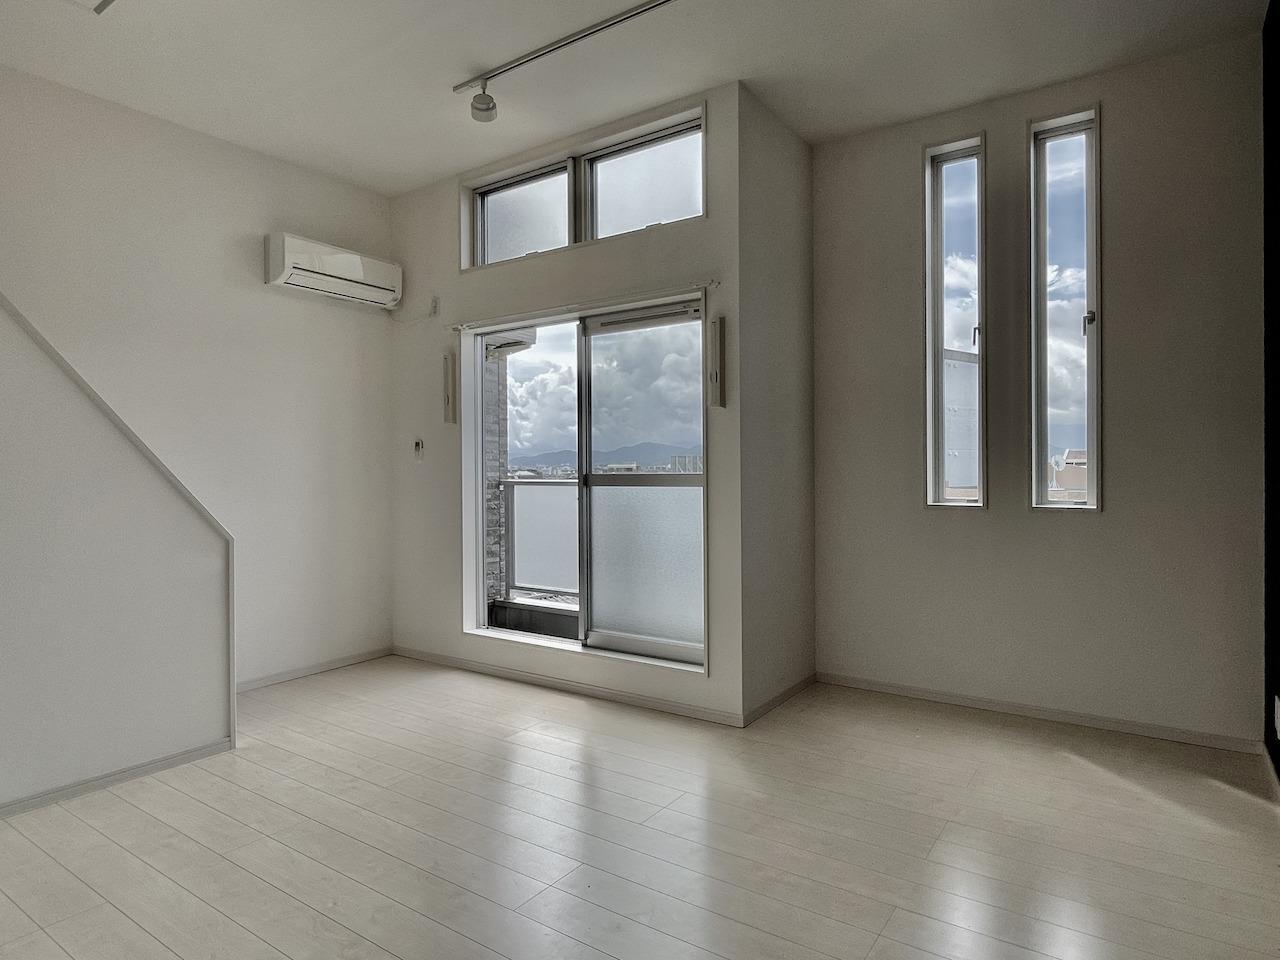 窓も多く天井も高いので明るい。